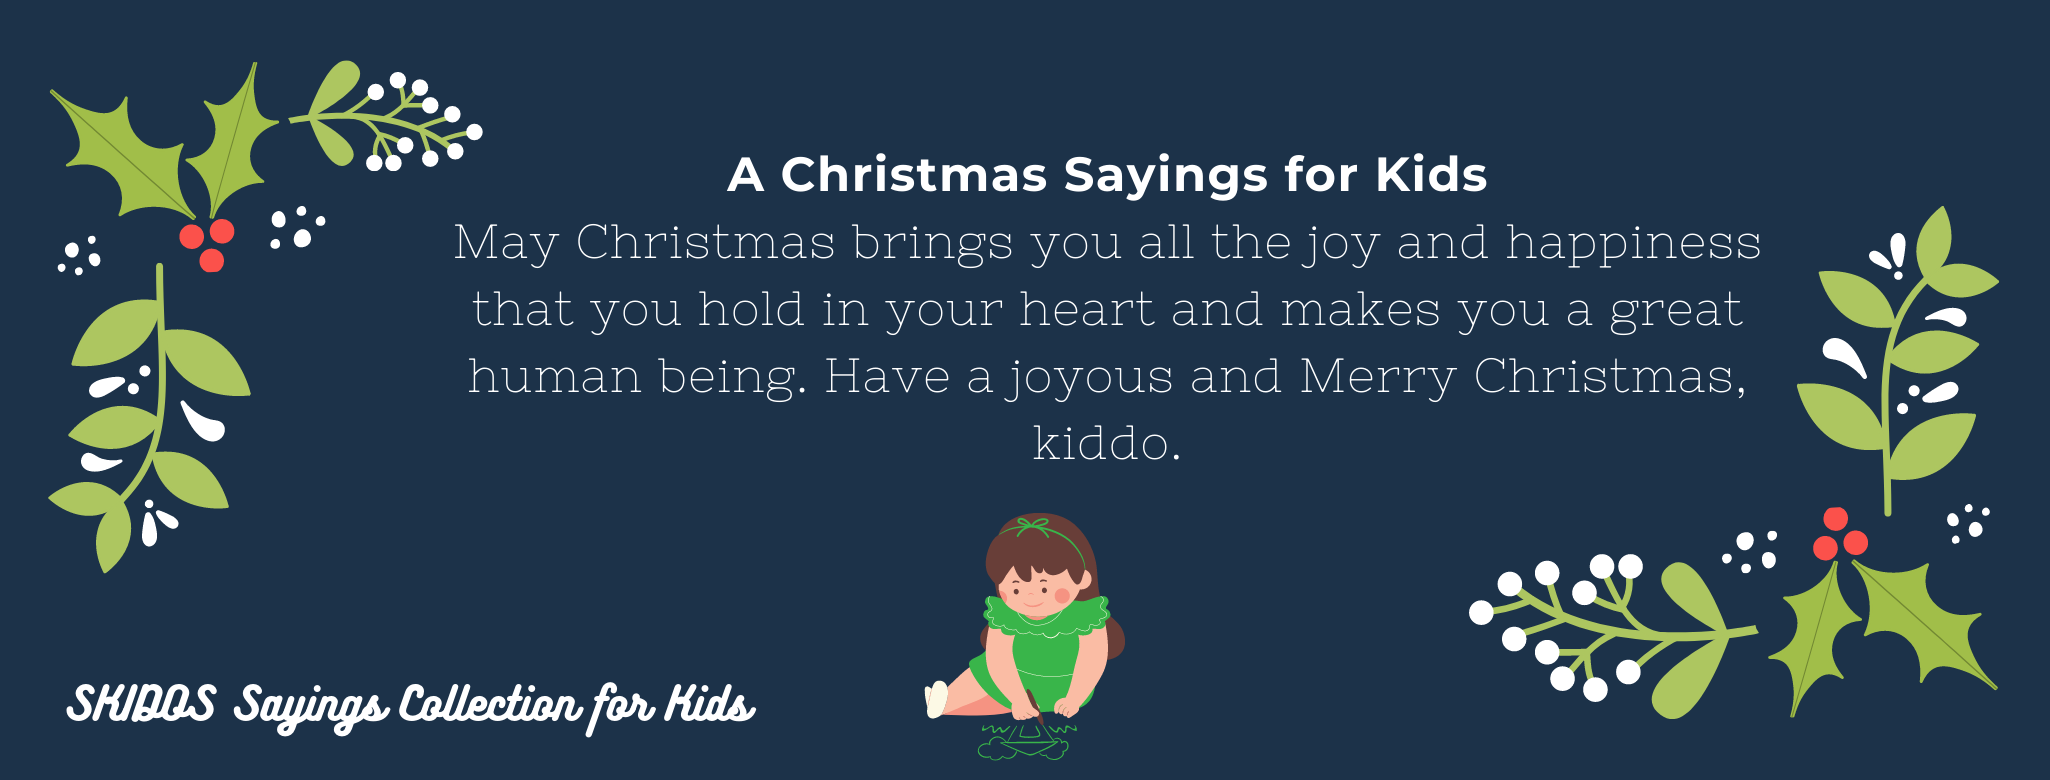 Christmas Sayings for Kids